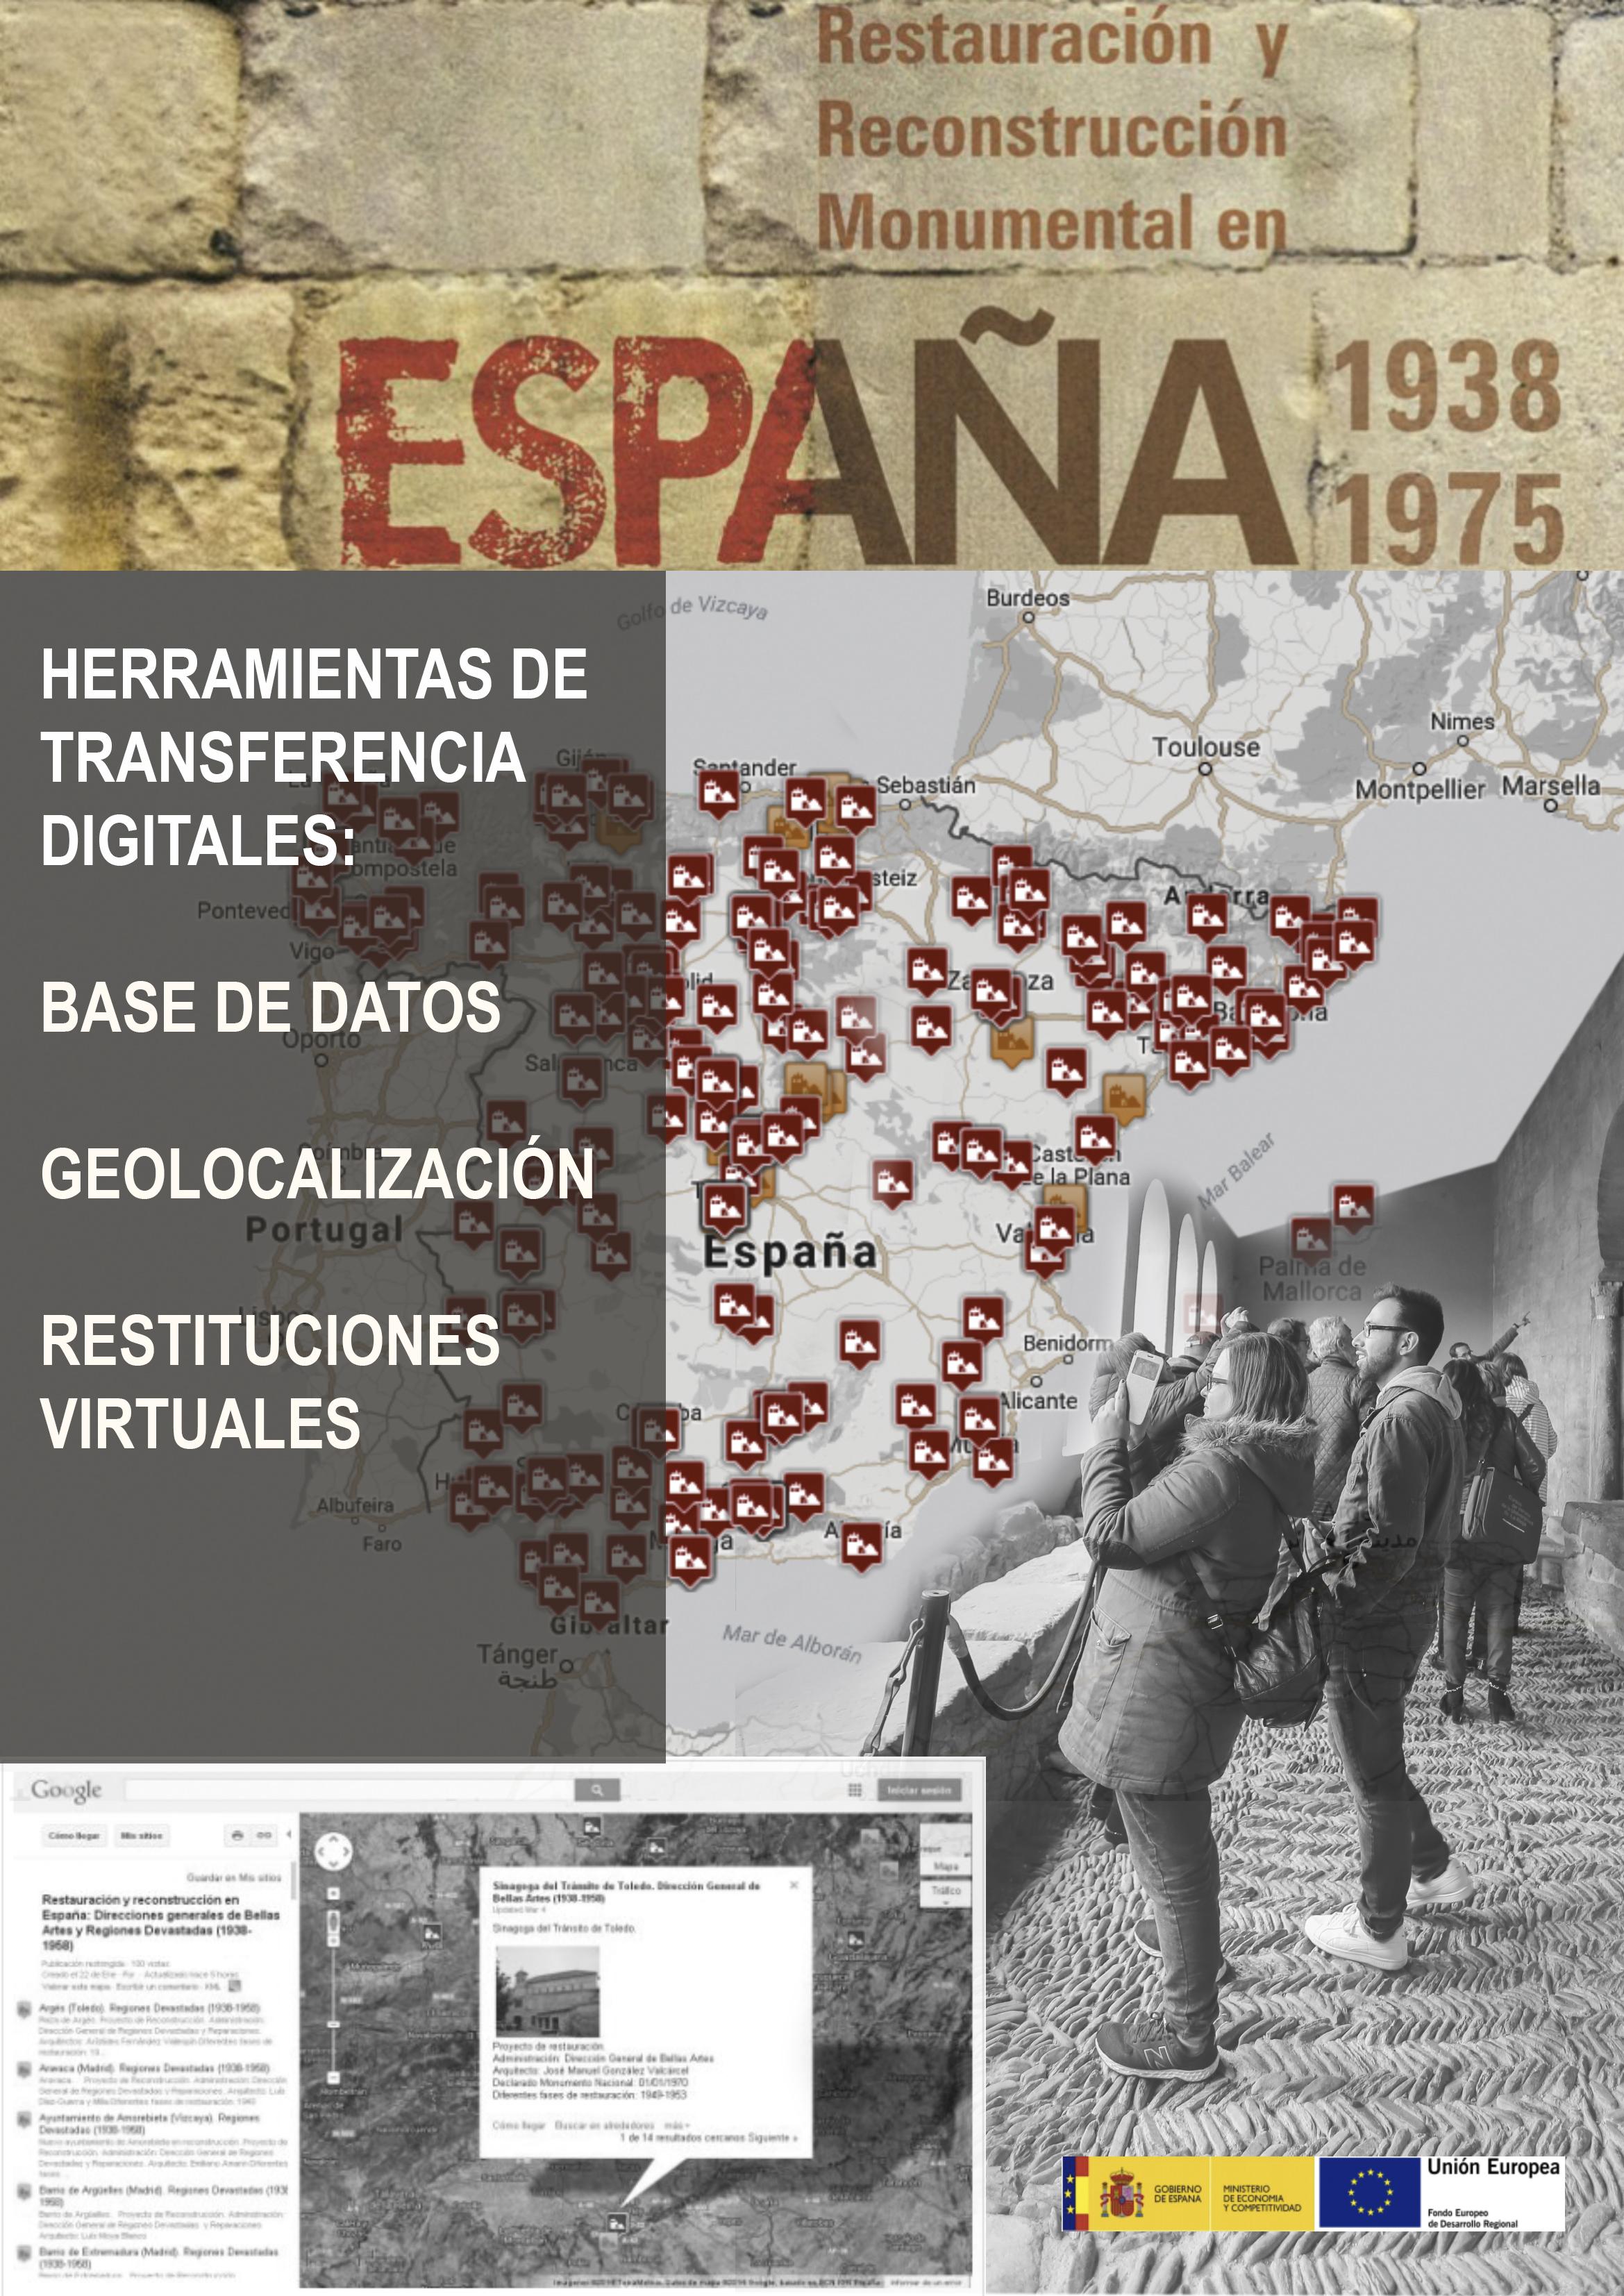 Herramientas digitales de transferencia de la investigación del proyecto Los Arquitectos Restauradores en la España del Franquismo